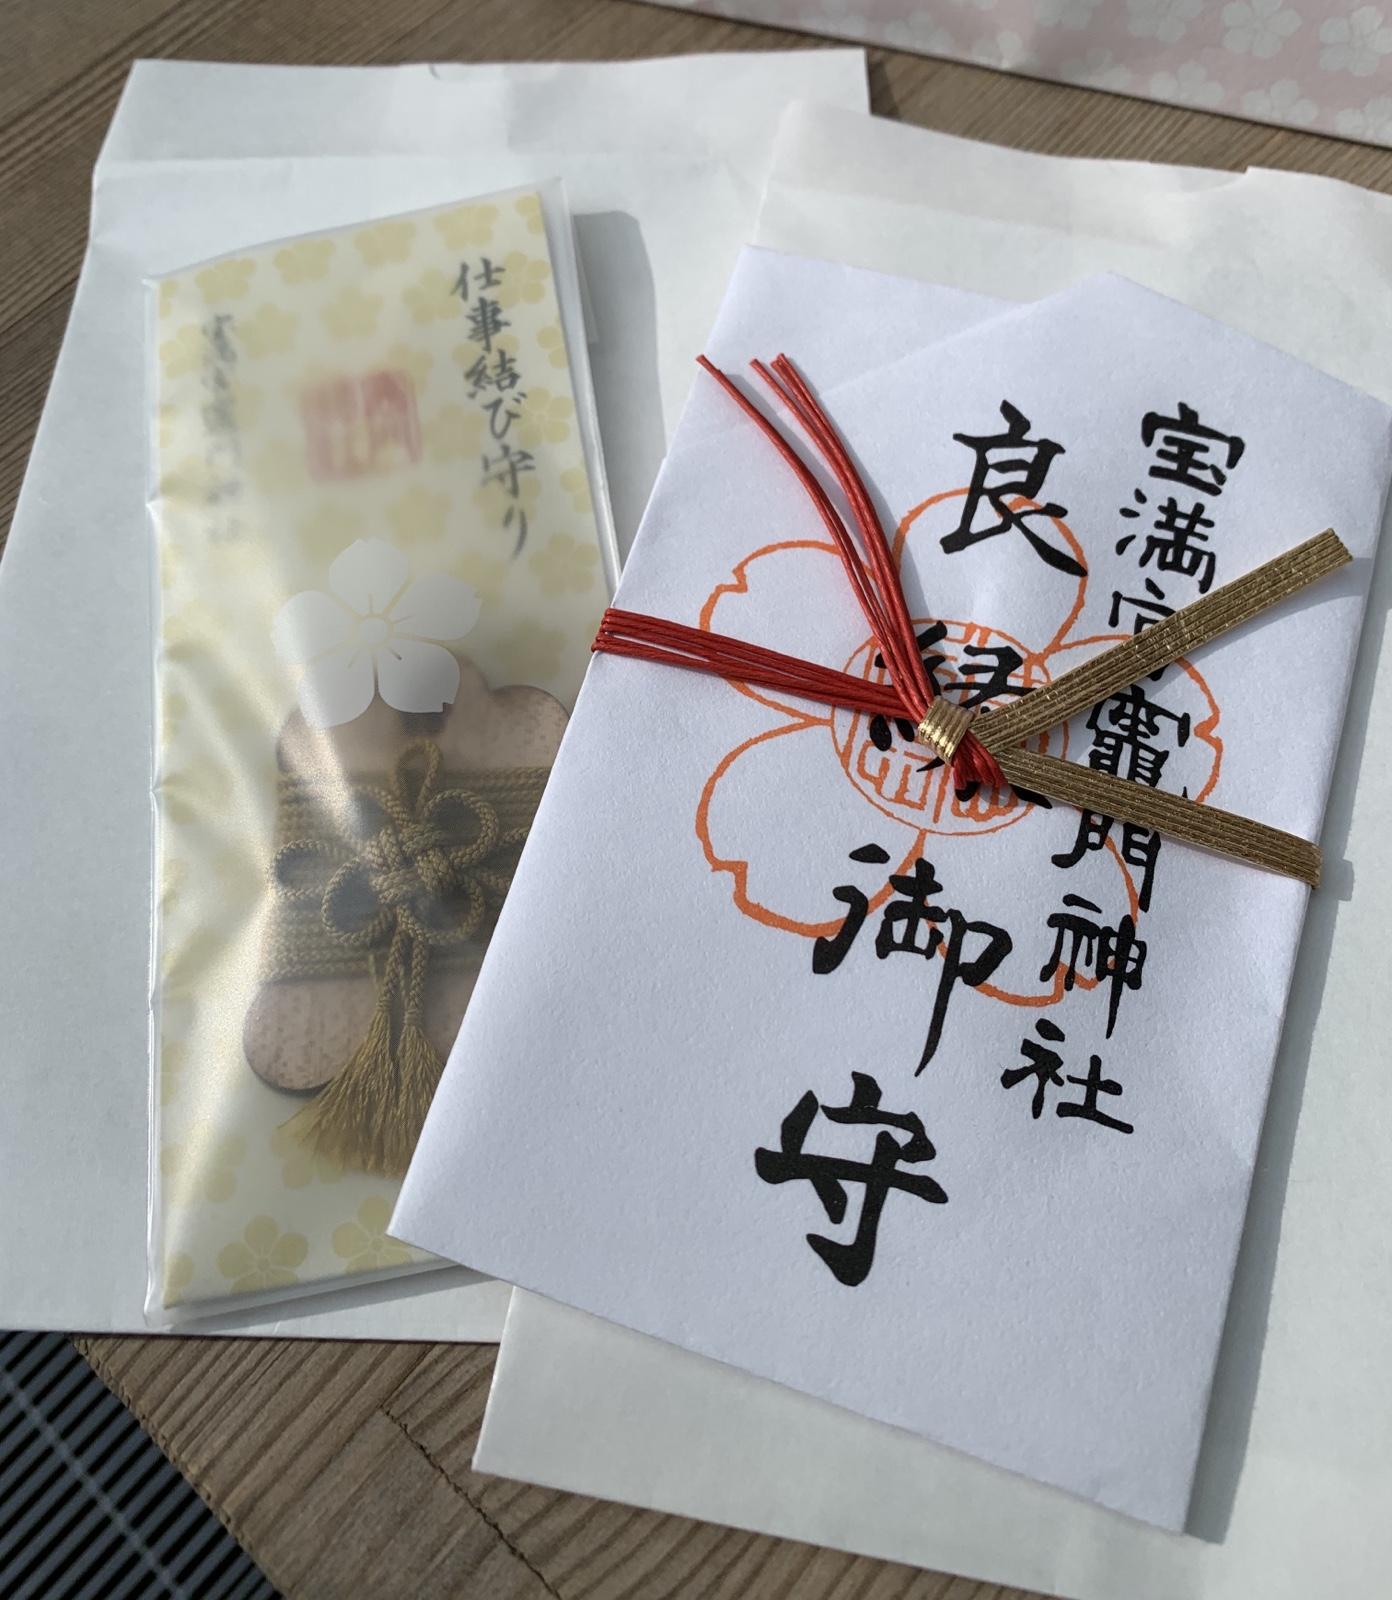 仕事結び守り(1200円)と良縁御守(700円)